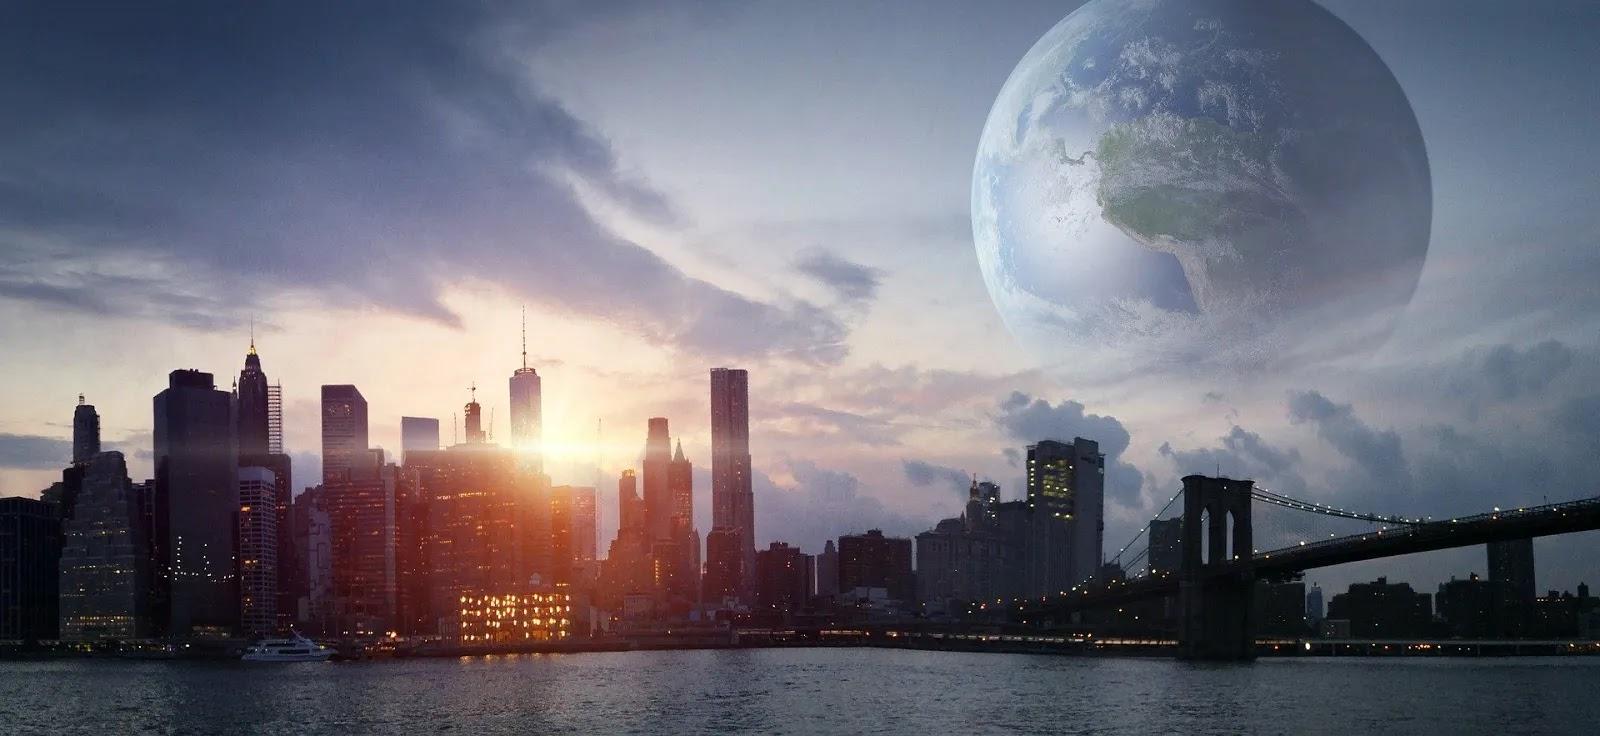 خلفيات خيالية وعصرية لمدينة نيويورك